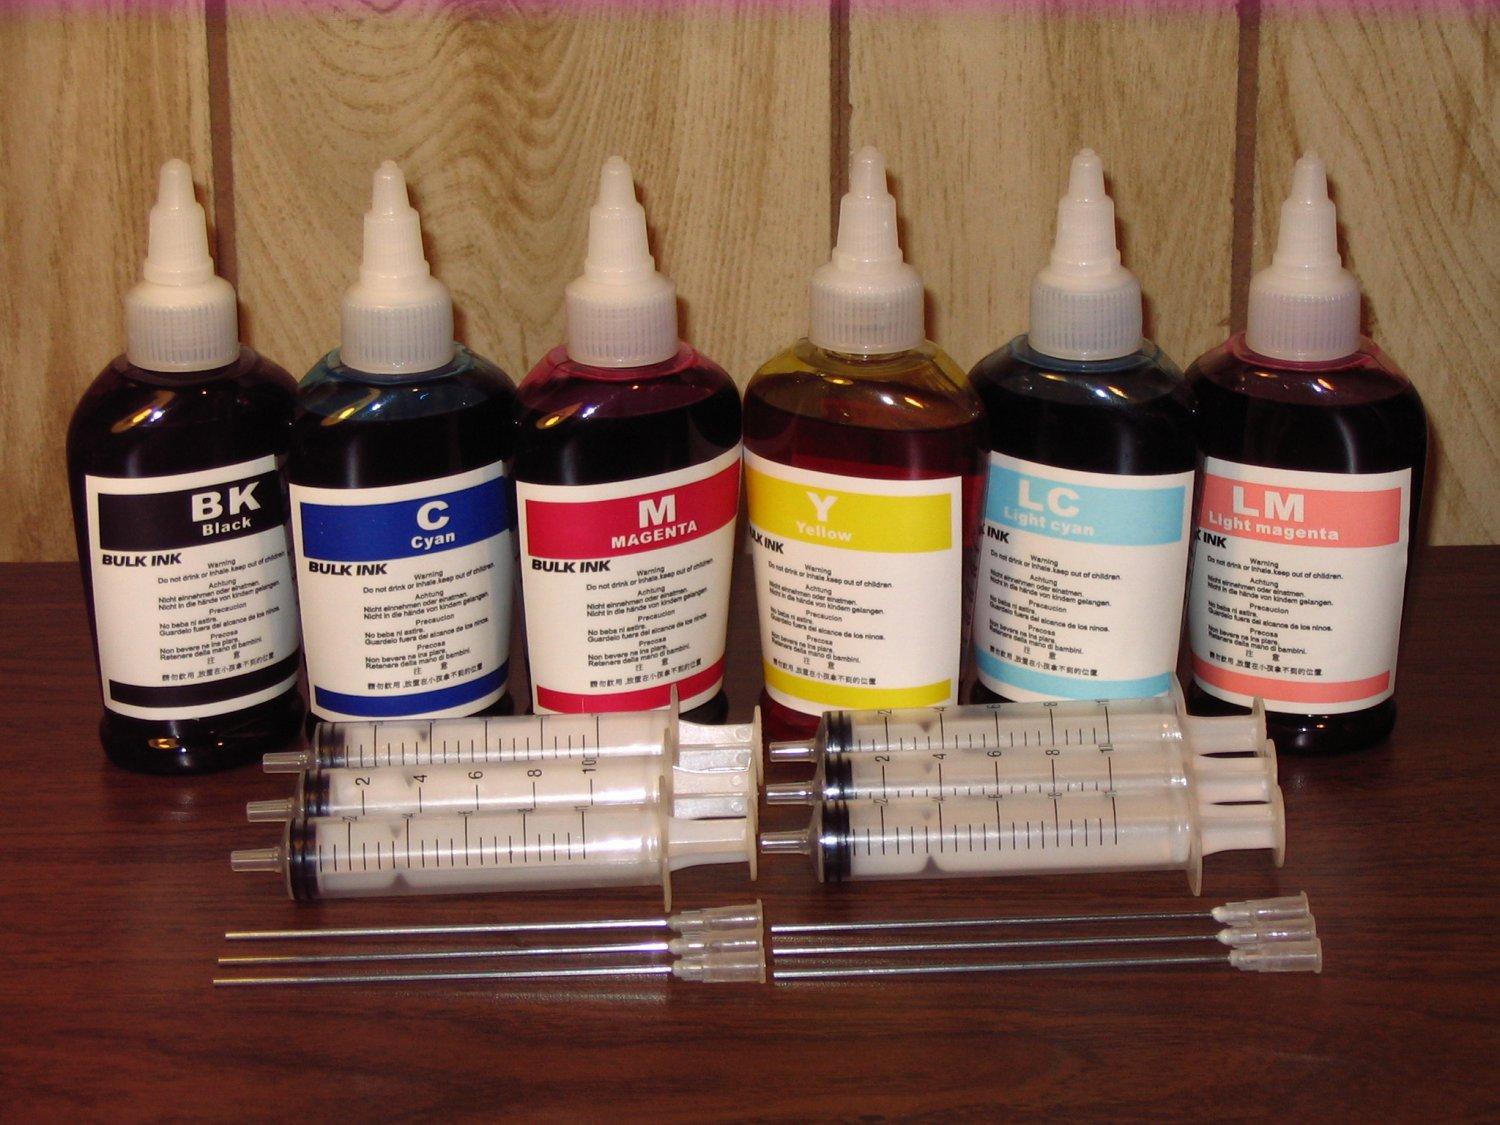 Bulk universal refill ink for EPSON, HP, CANON inkjet printer, 100ml x 6 bottles